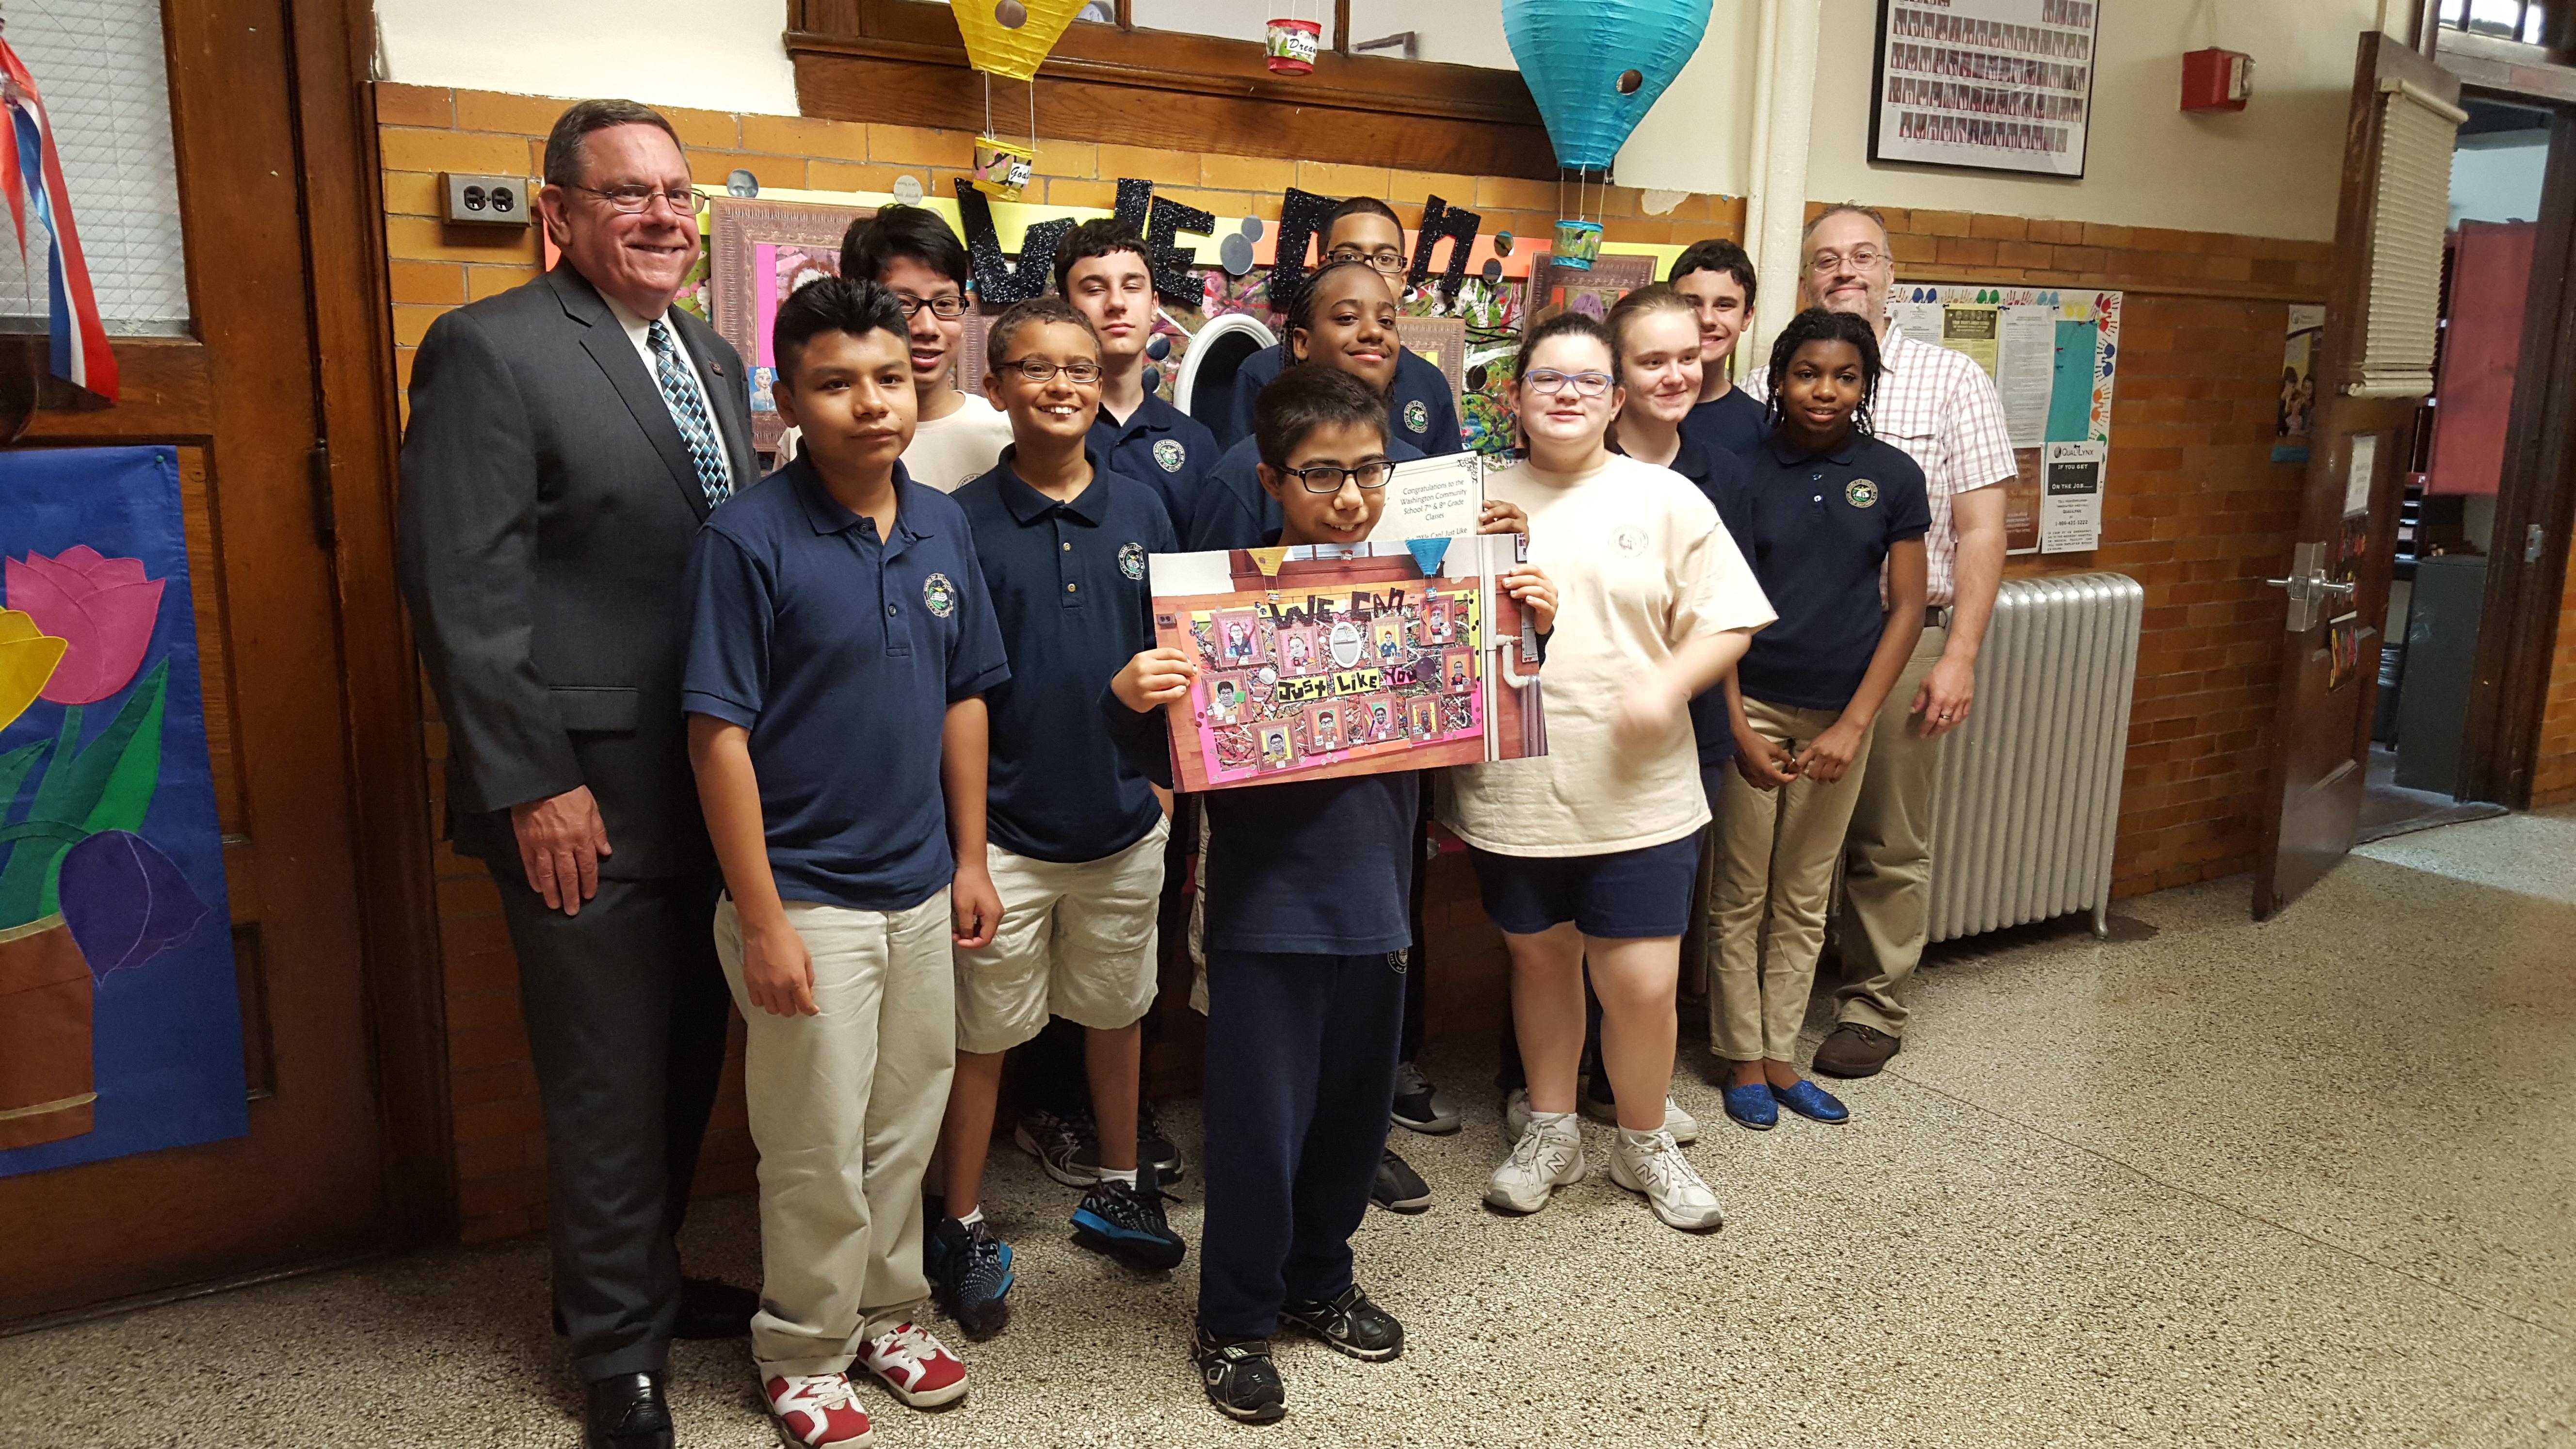 Washington Community School in Bayonne, NJ